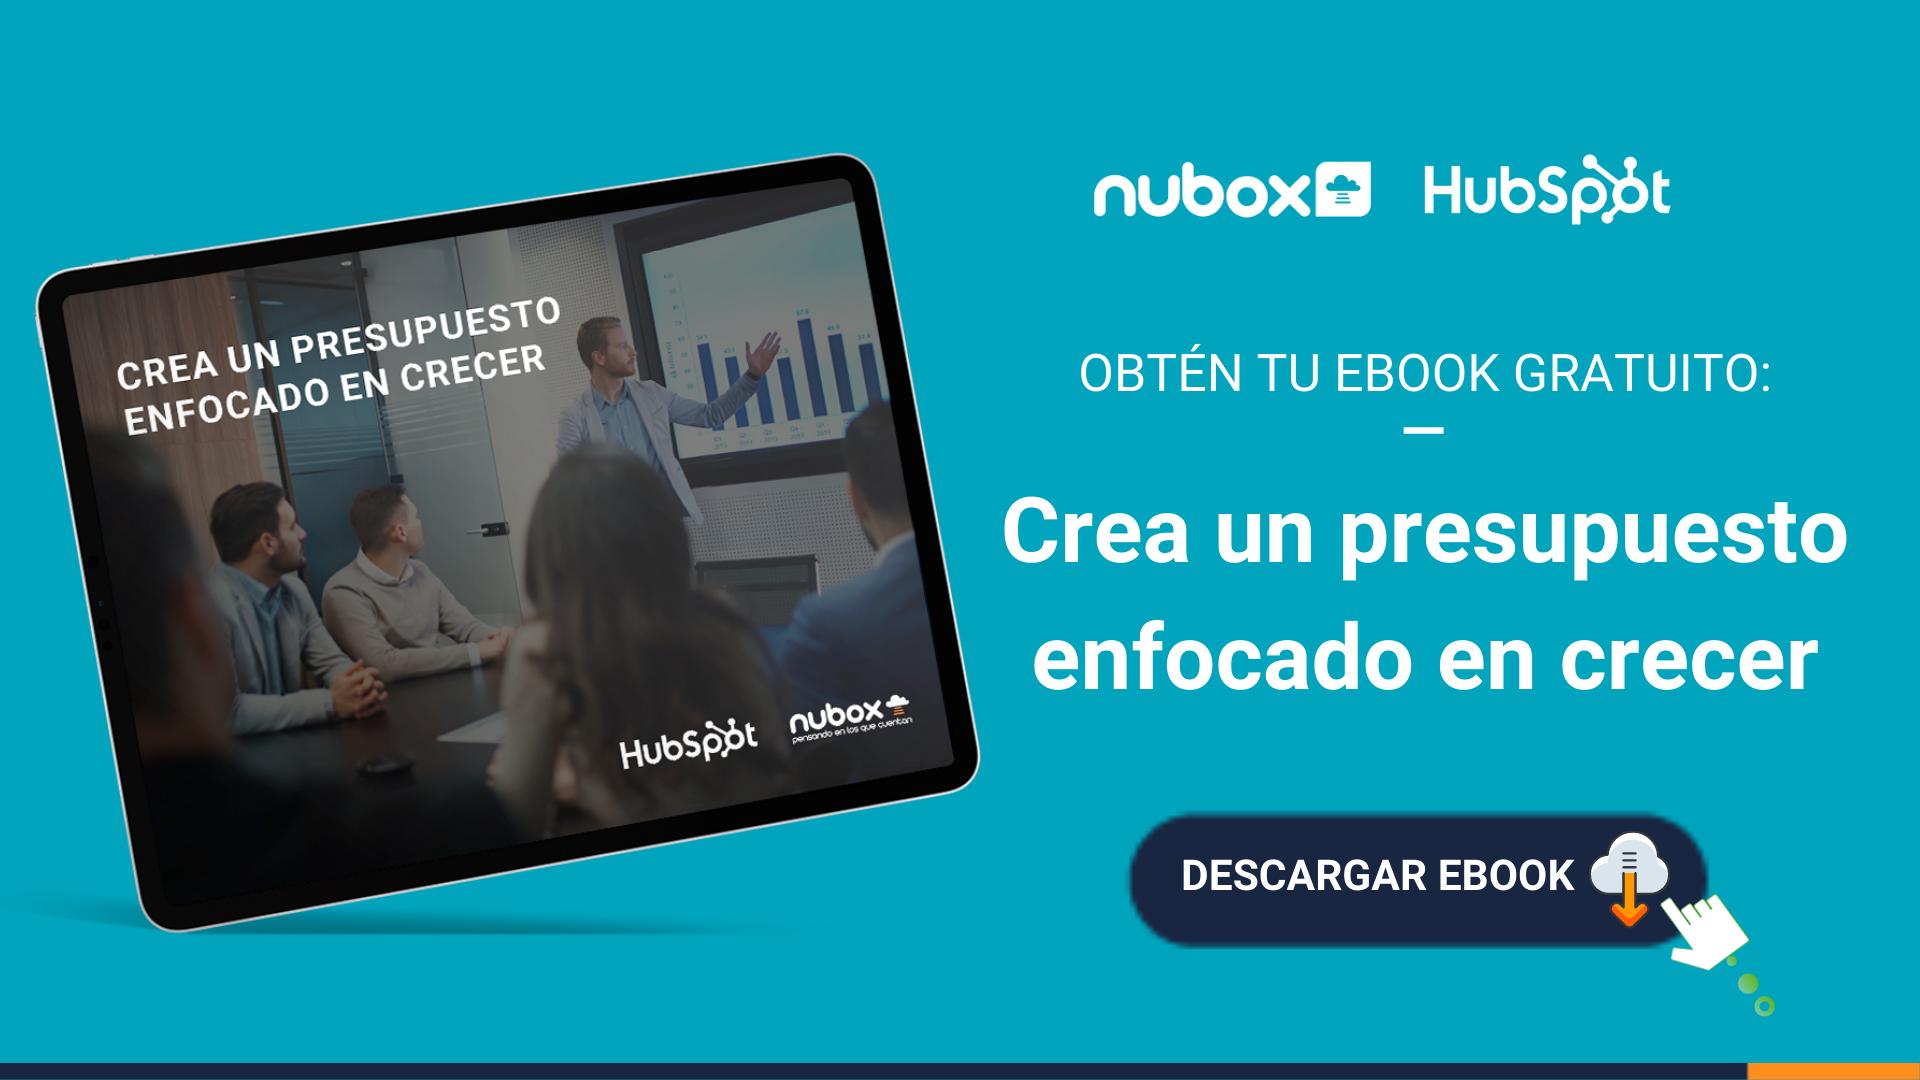 [Ebook Gratuito] Crea un presupuesto enfocado en crecer